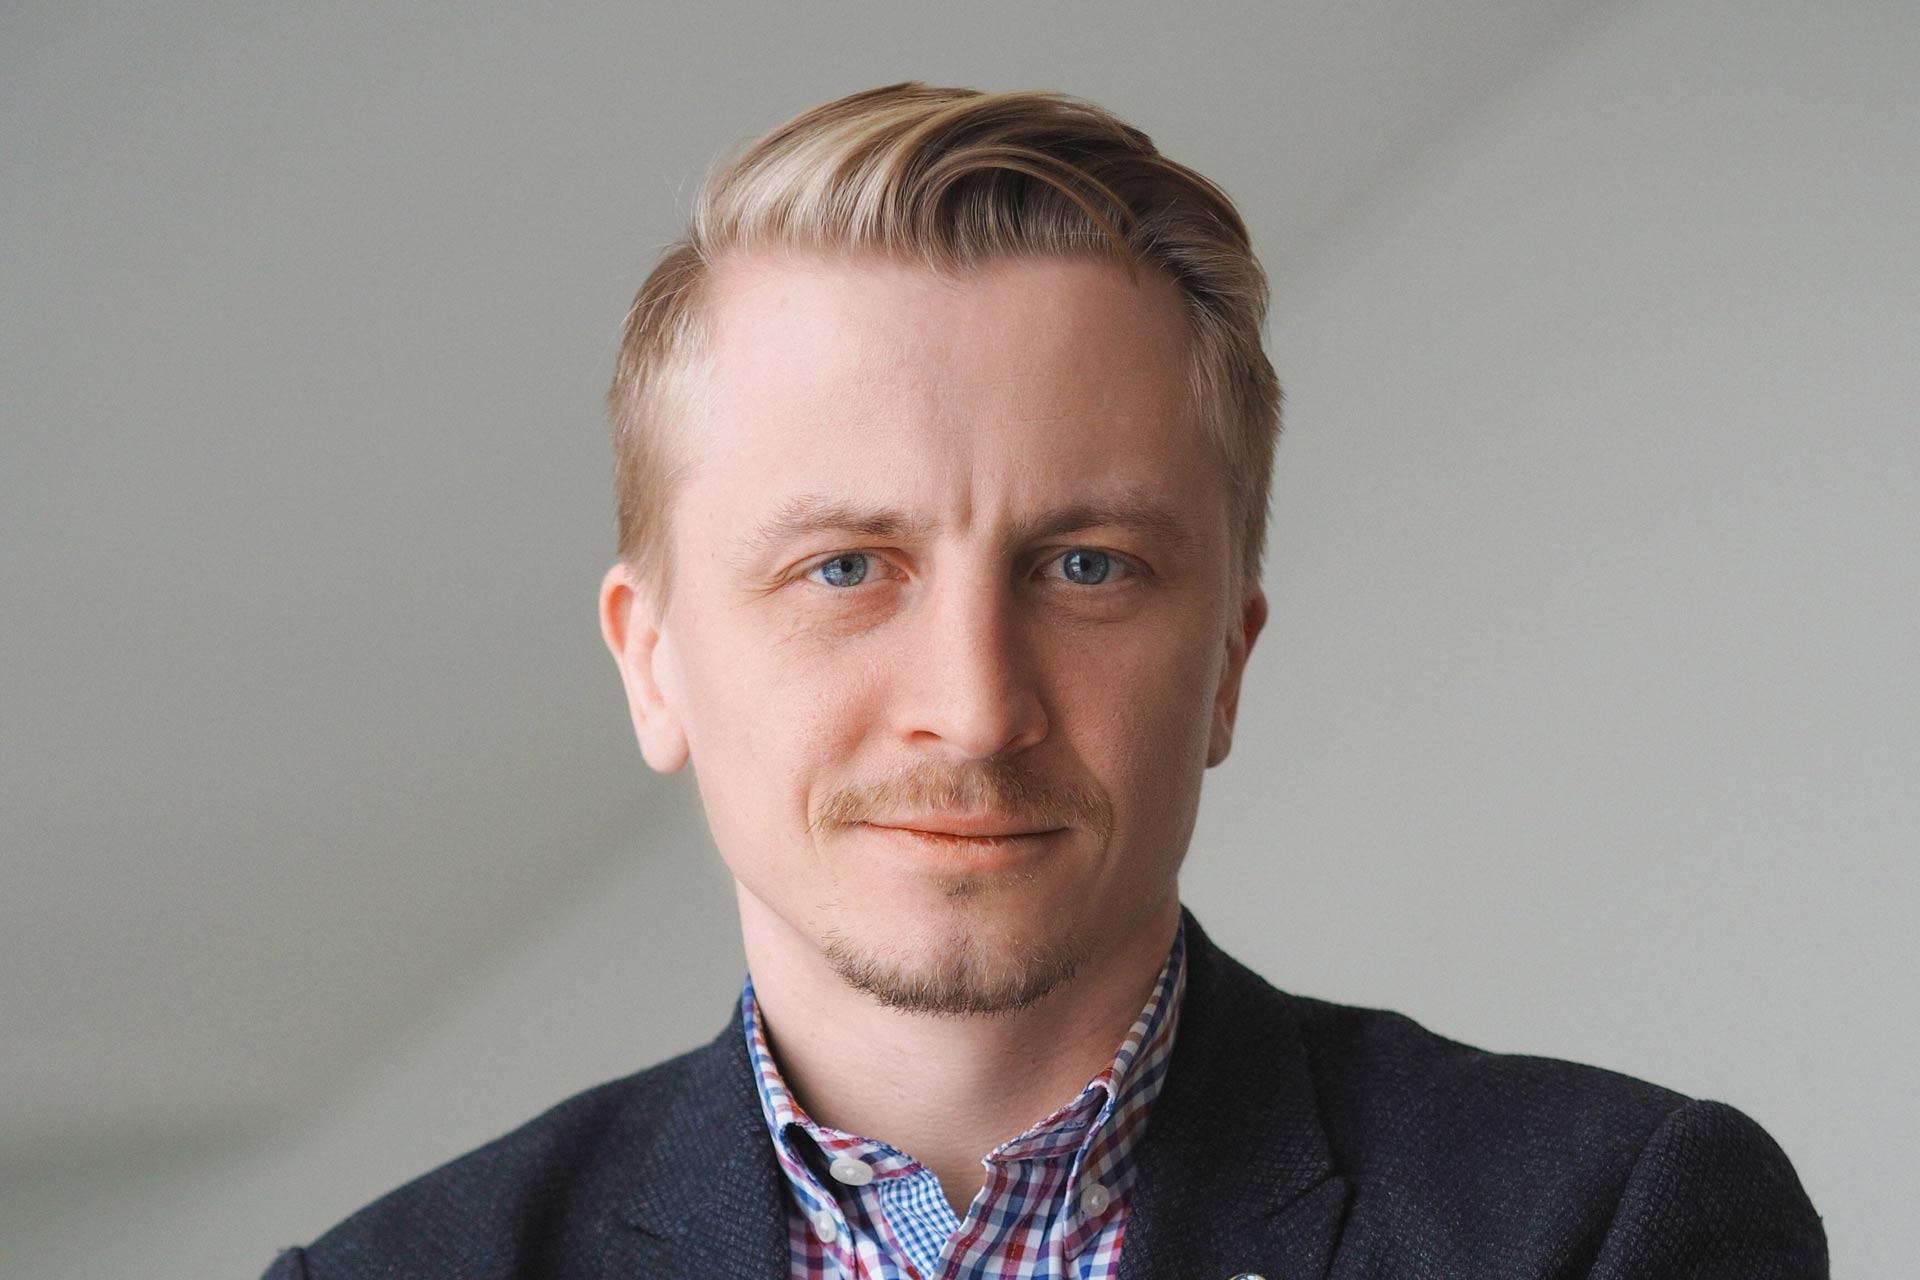 Владимир Захаров, генеральный директор компании Datana